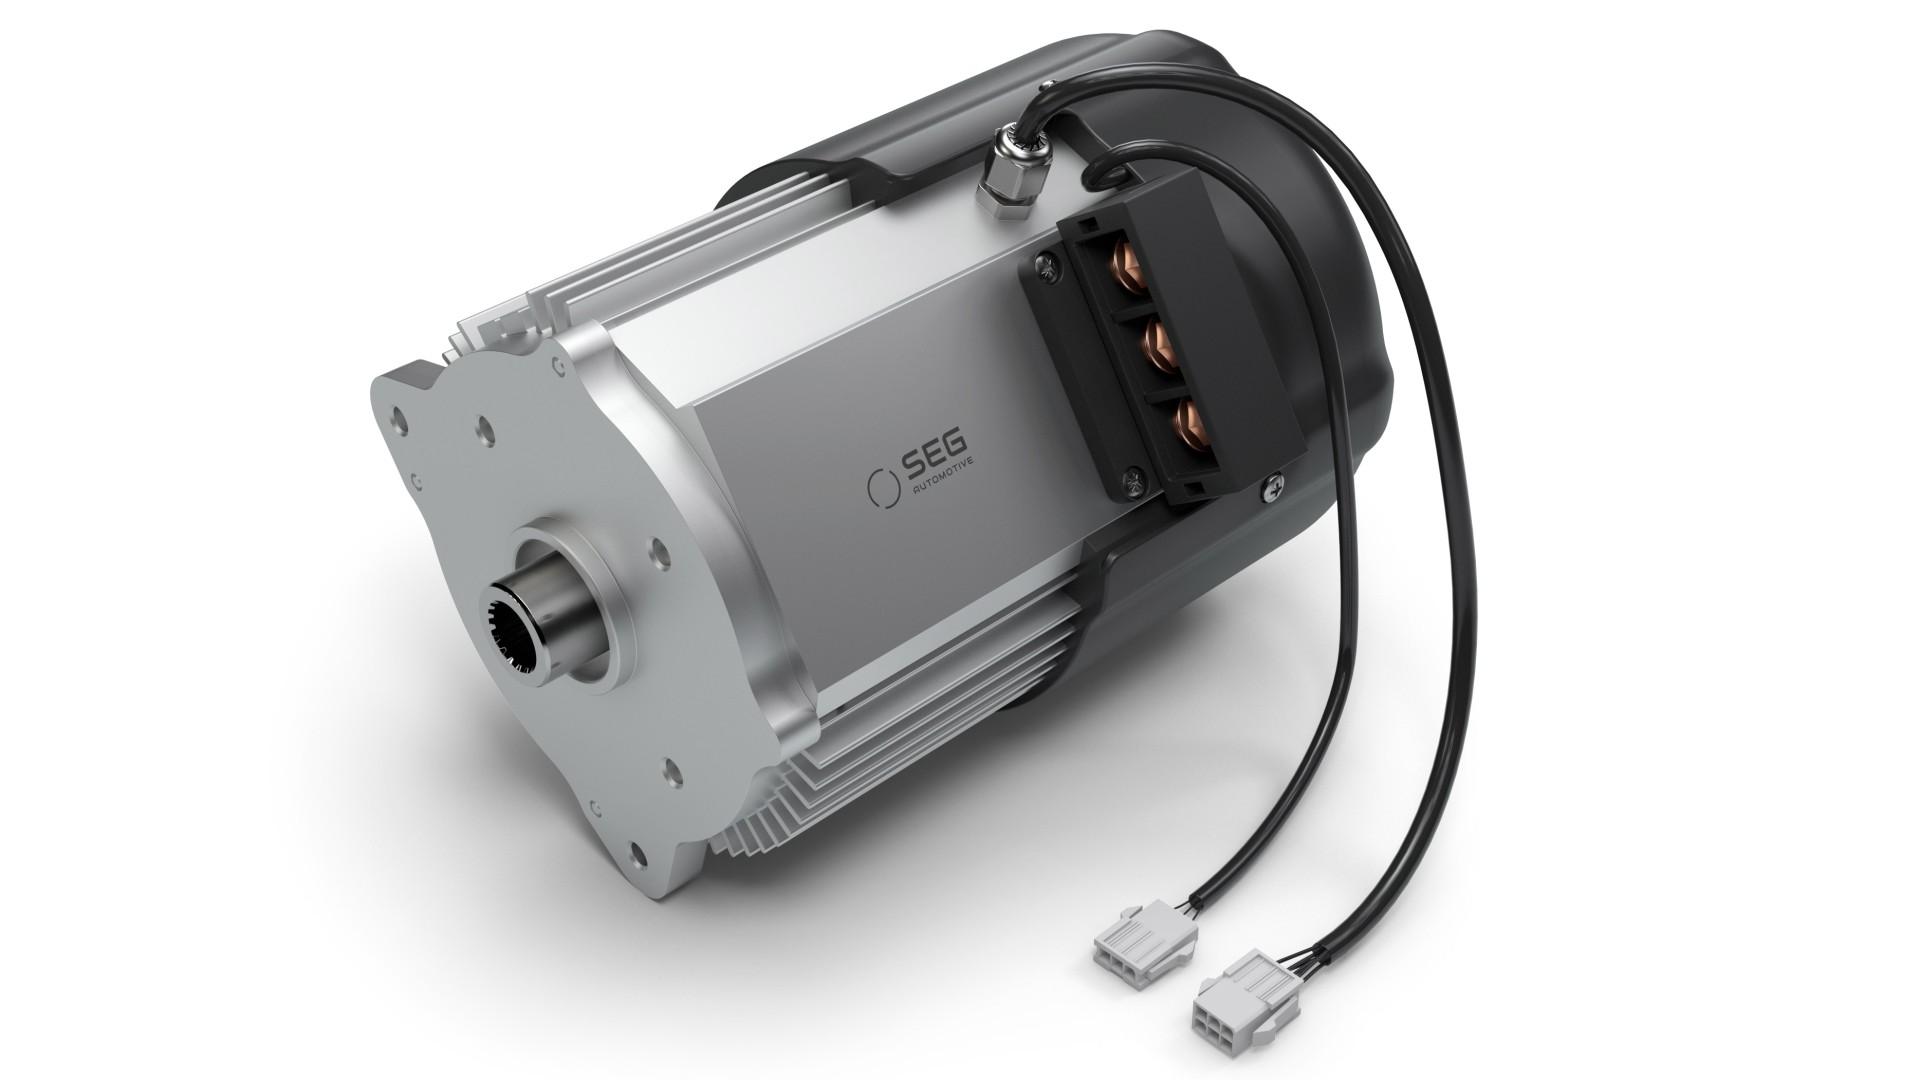 48V Elektromotor EM 1.8 für elektrische Leichtfahrzeuge wie Rikschas